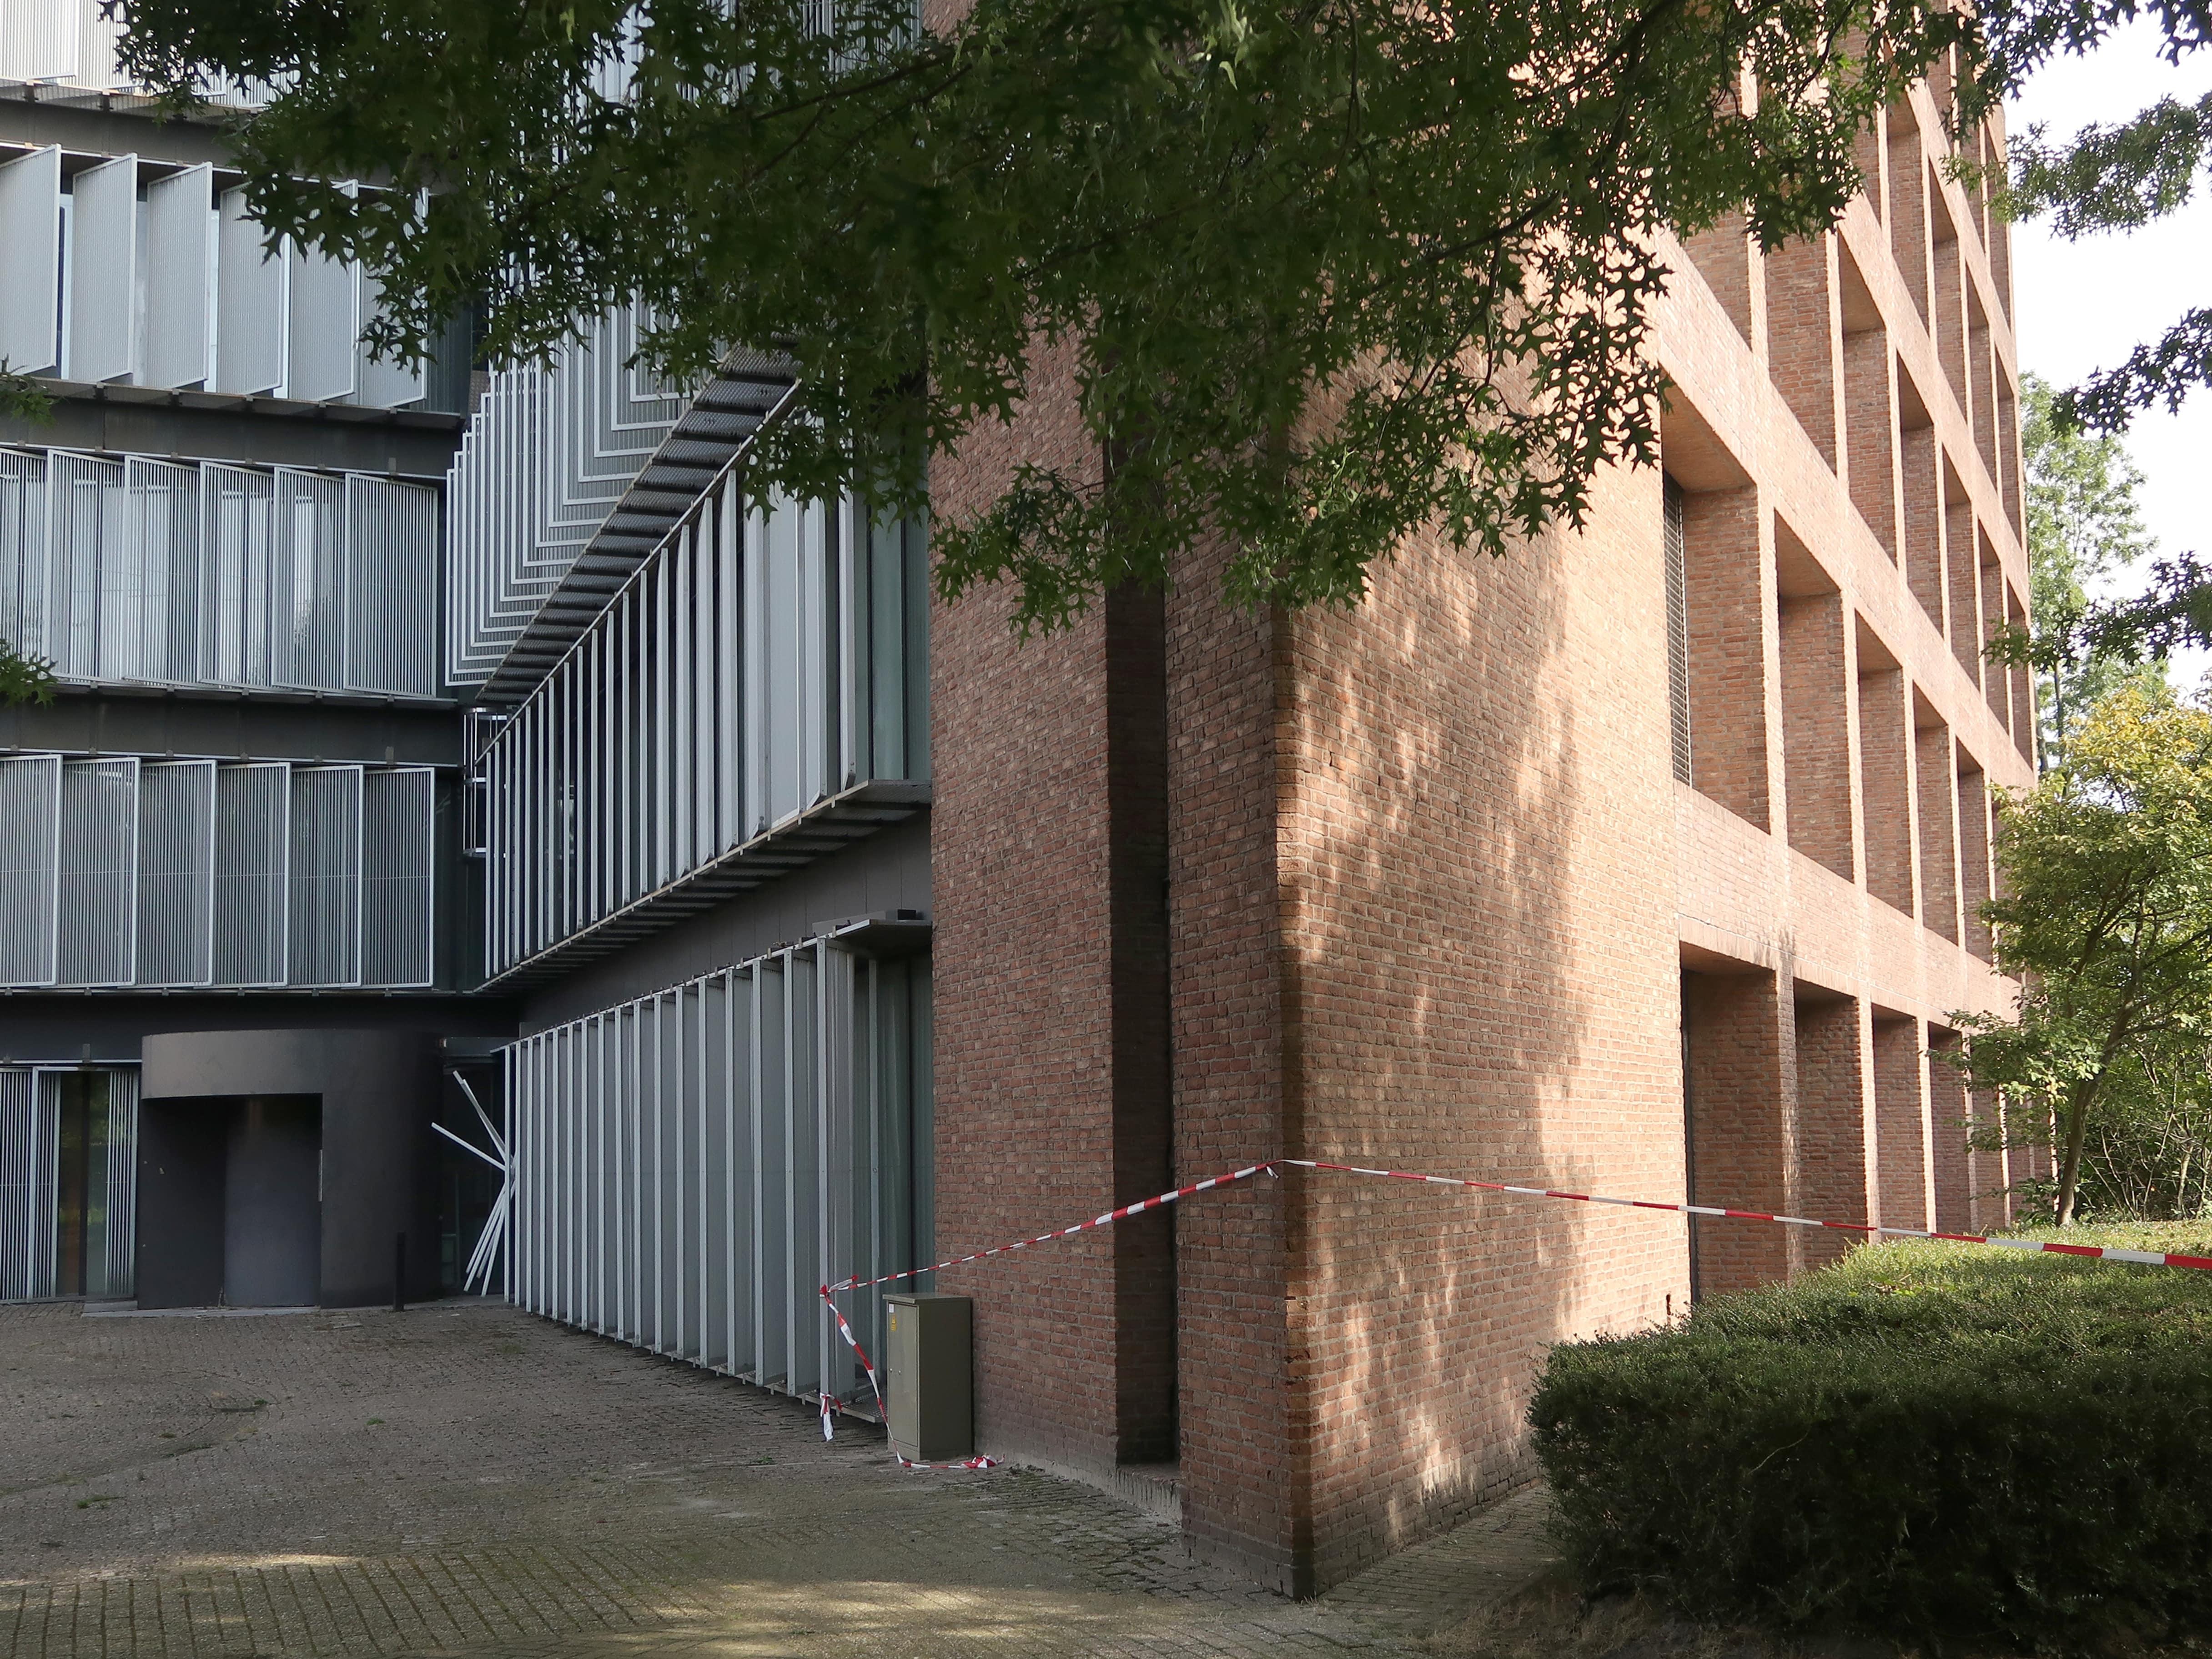 vanMeijel-cultuurhistorie-nieuws-kantoren-breda